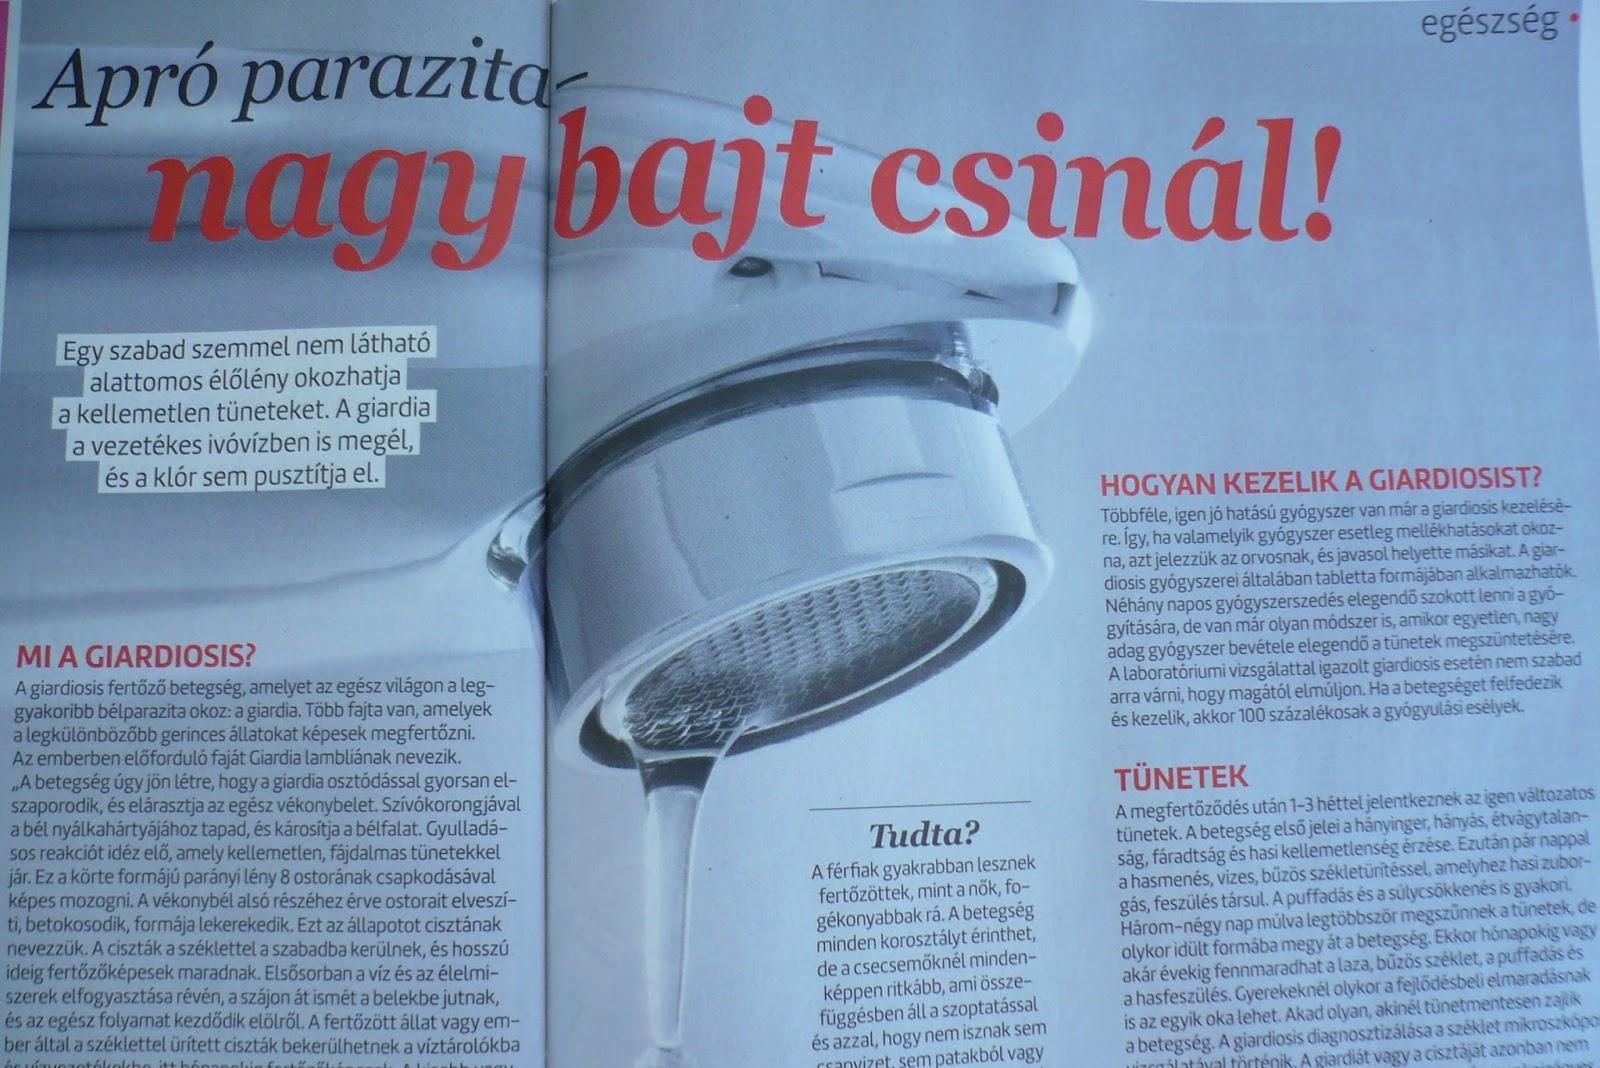 A Giardia paraziták tünetei és kezelése